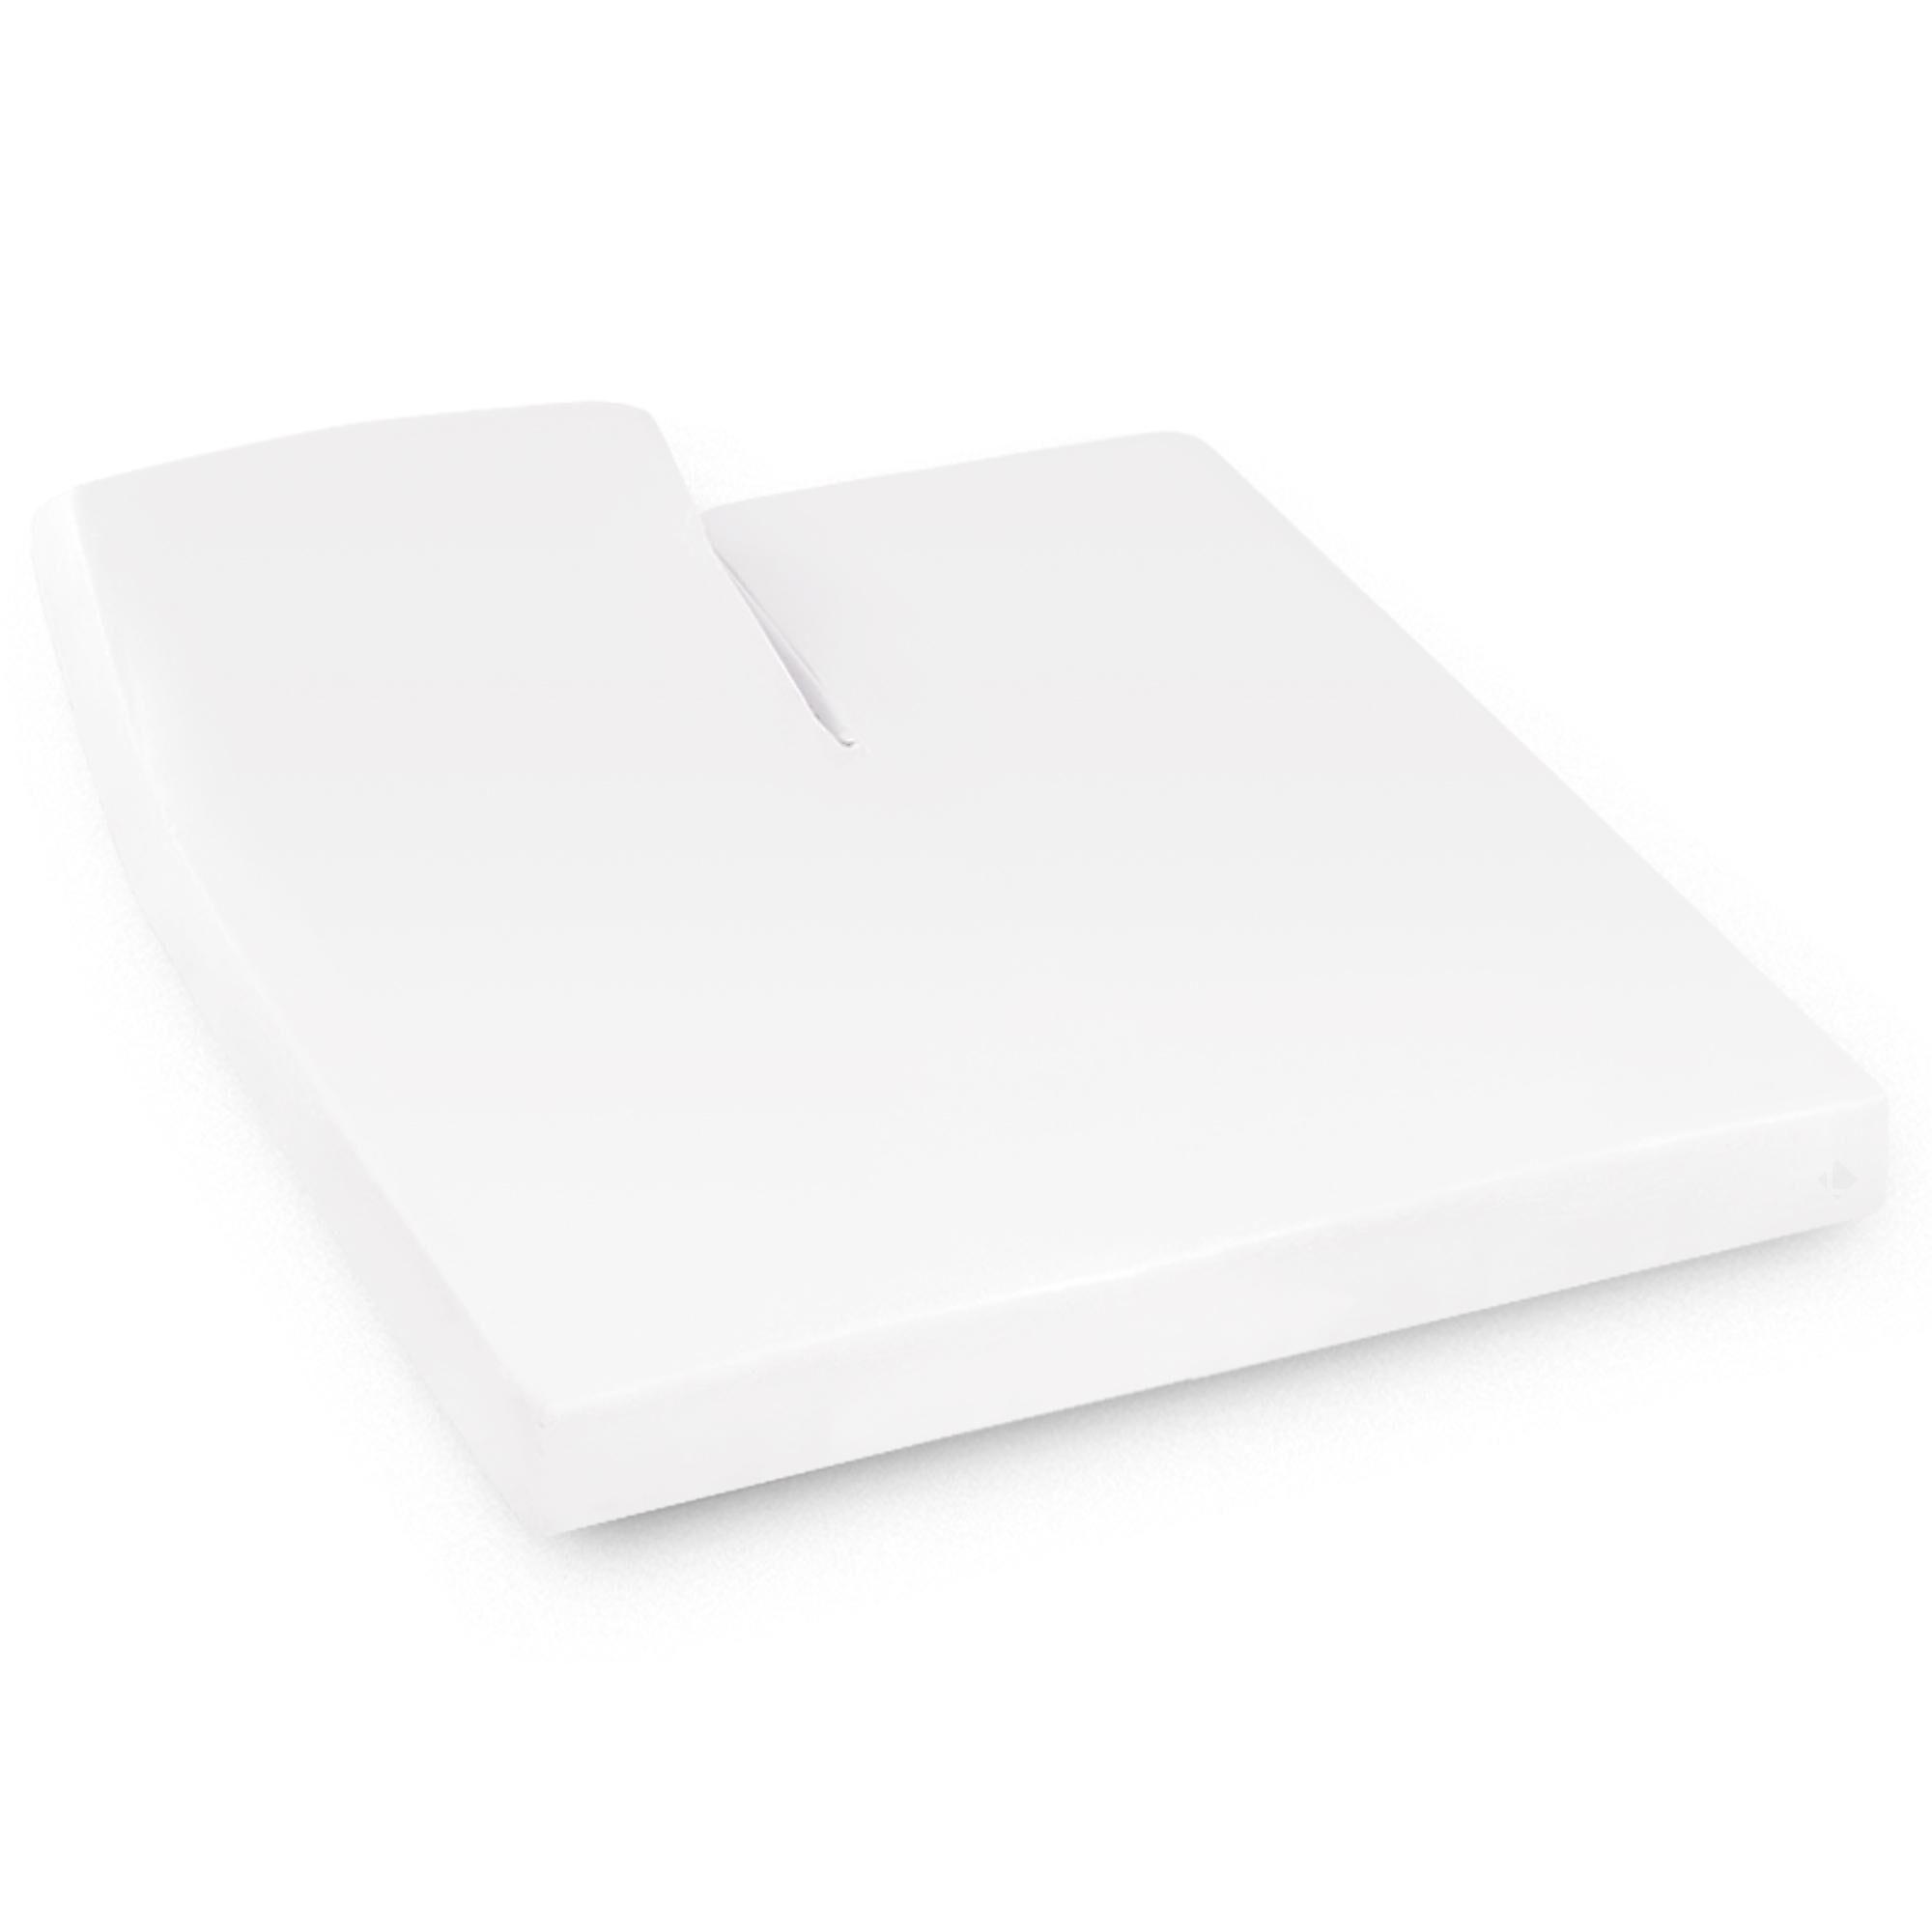 Linnea Protège matelas imperméable 2x80x200 cm lit articulé TR bonnet 40cm ARNON molleton 100% coton contrecollé polyuréthane